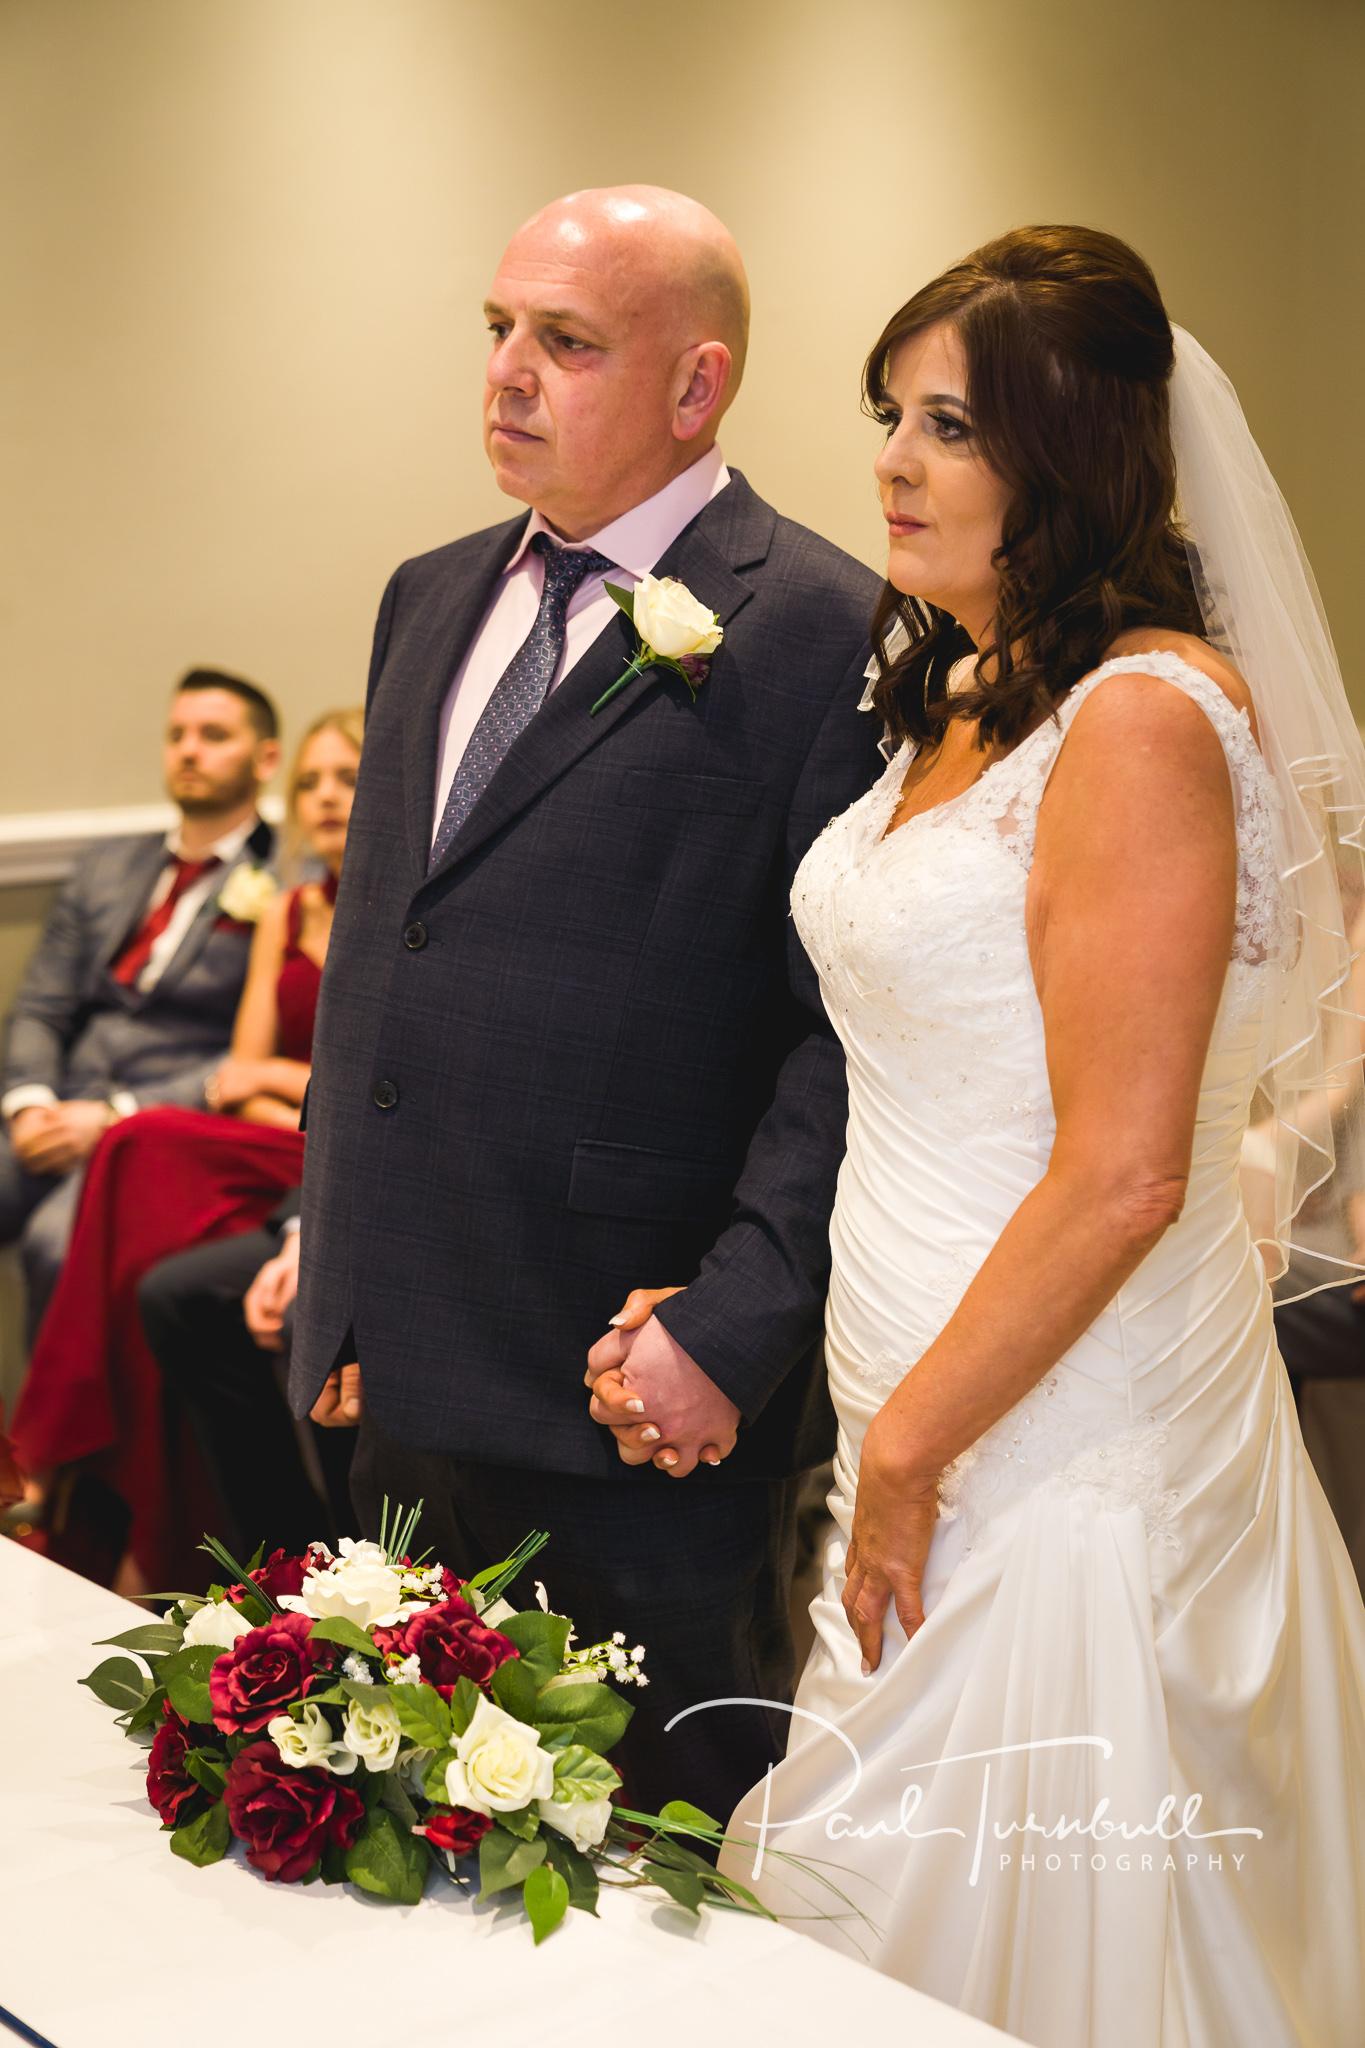 wedding-photographer-leeds-holiday-inn-garforth-027.jpg